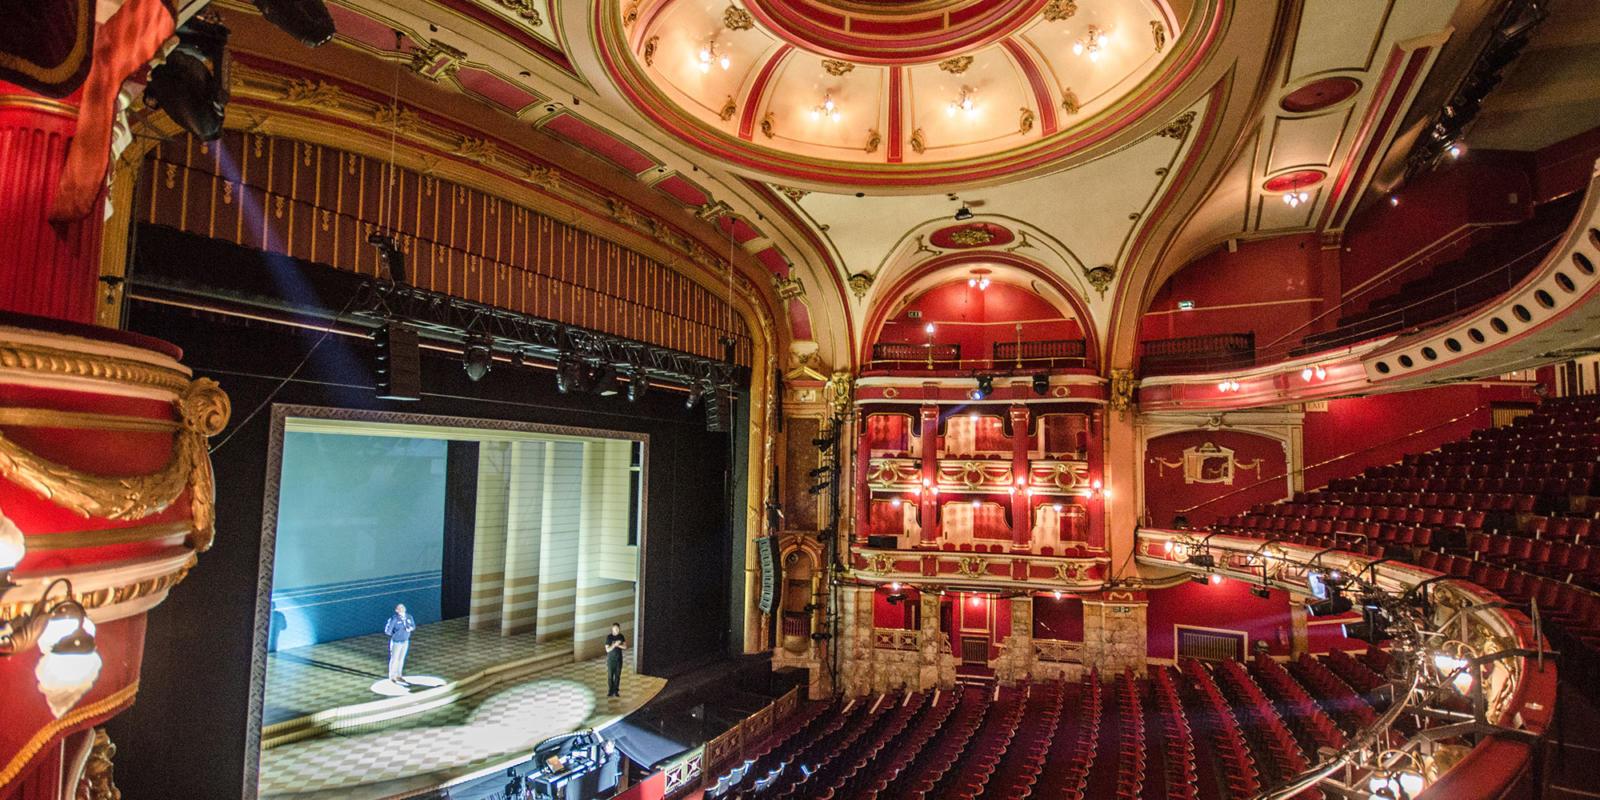 Bristol Hippodrome auditorium